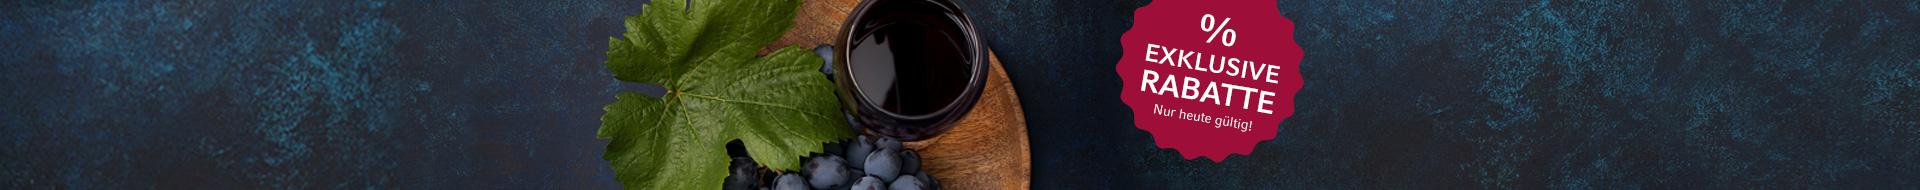 NL Wine Monday, KW 7